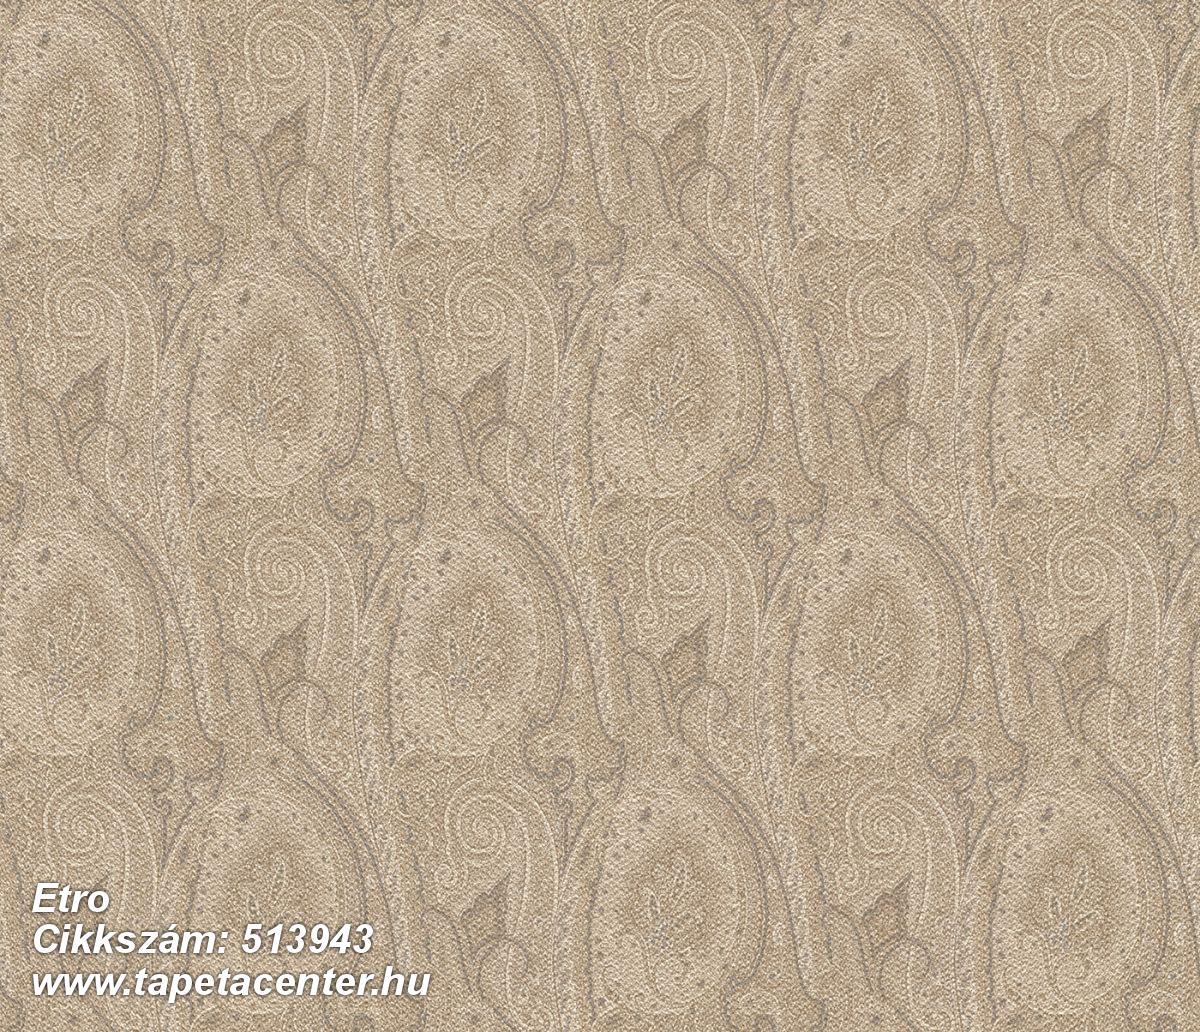 Különleges felületű,különleges motívumos,rajzolt,retro,textil hatású,textilmintás,virágmintás,barna,bézs-drapp,zöld,lemosható,Vlies tapéta